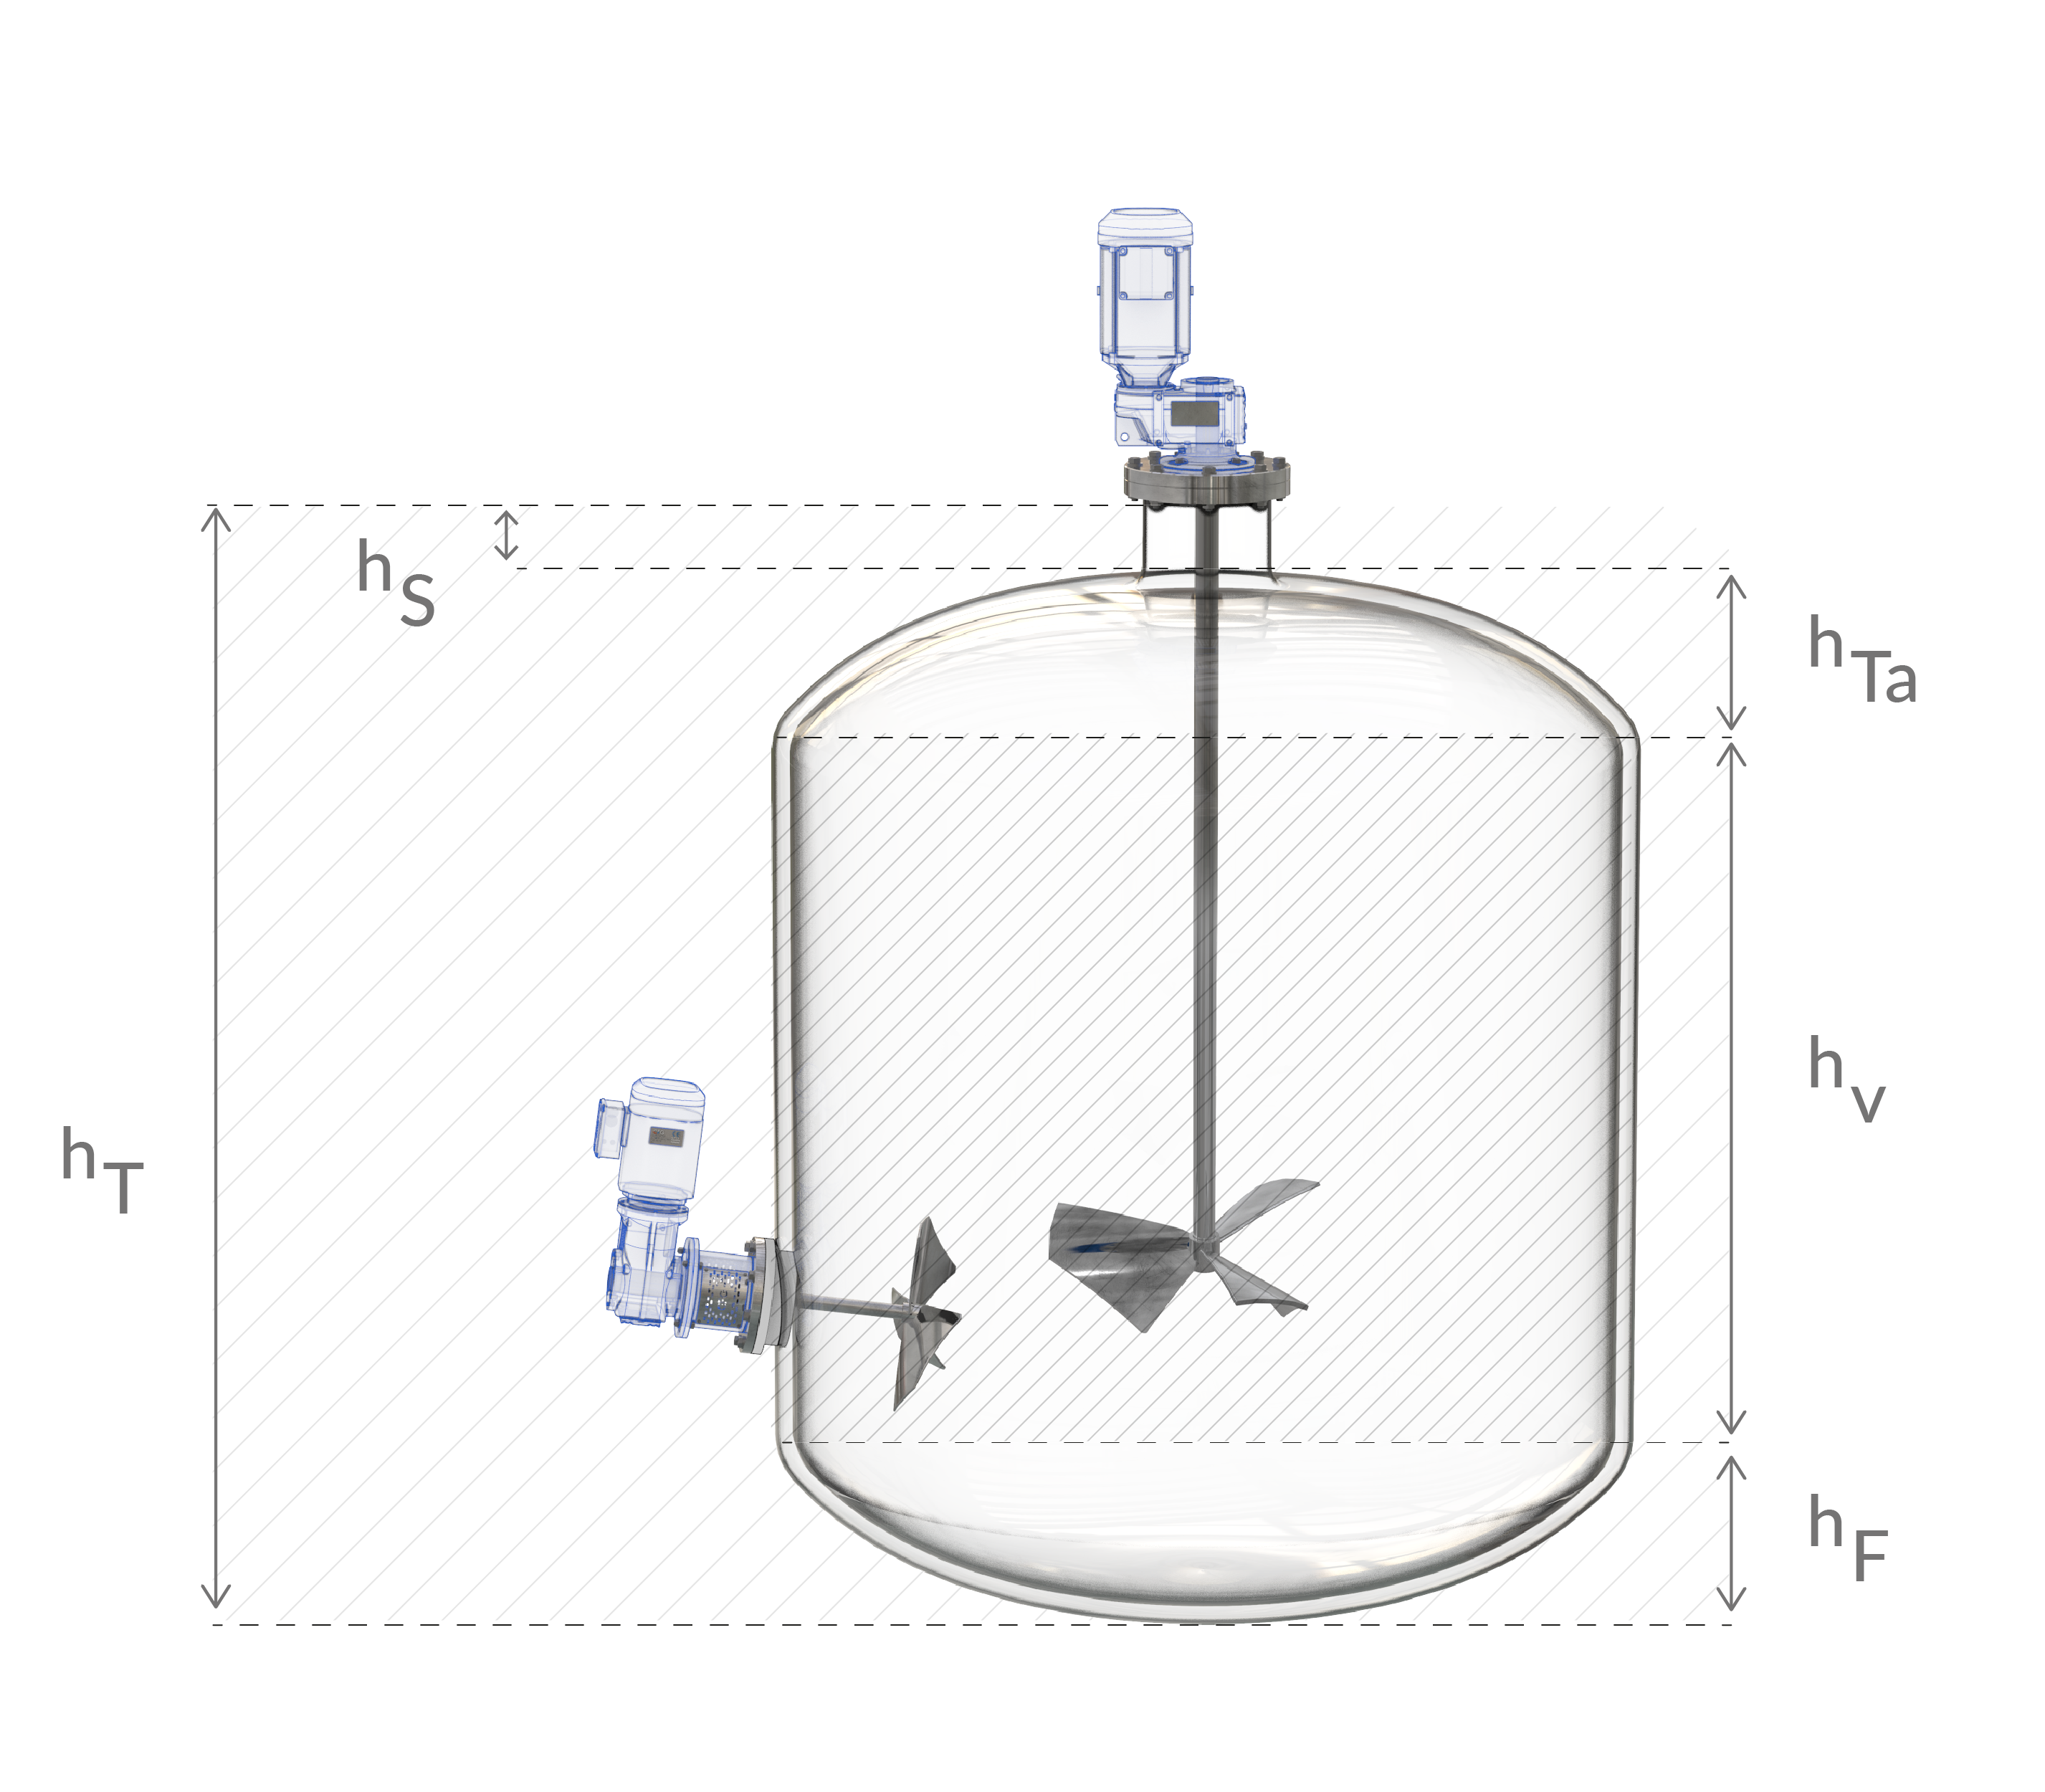 Muestra del diseño de un agitador industrial